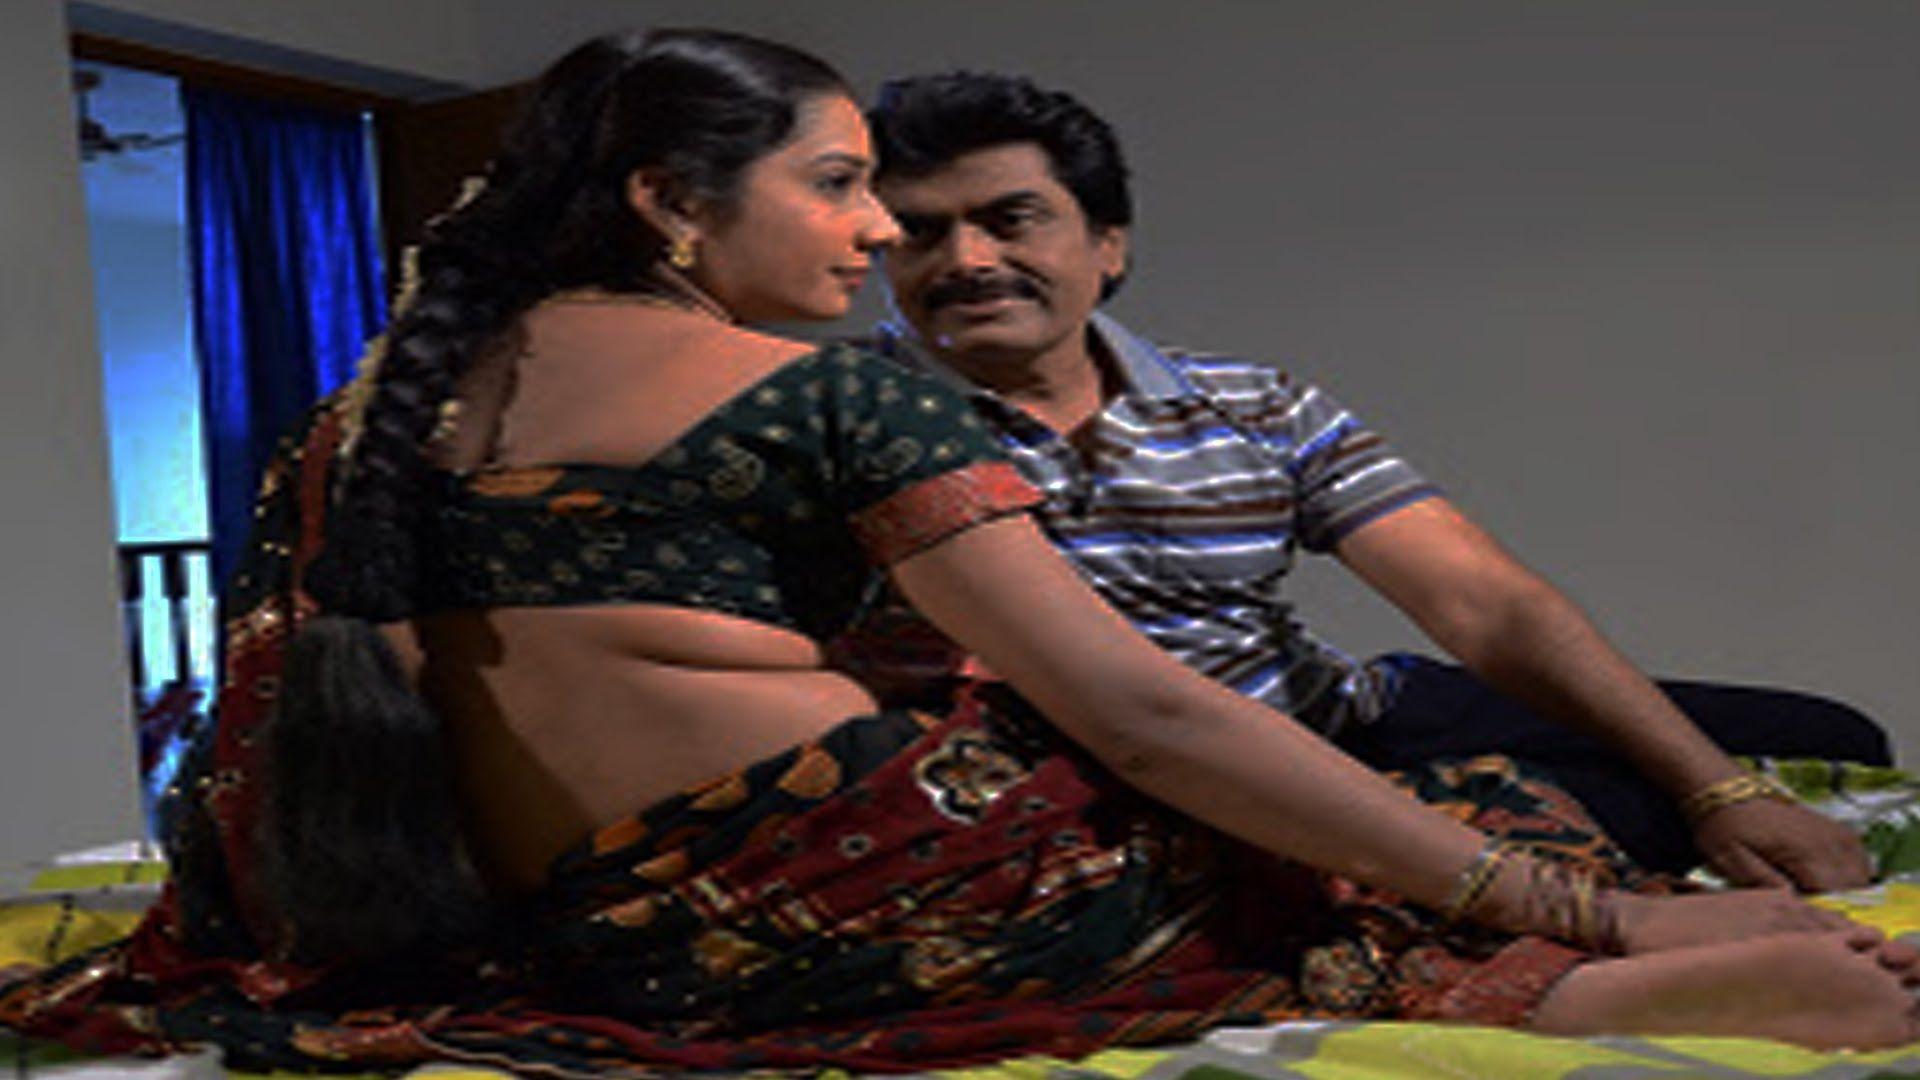 Shakeela Hot Romantic Movie Elami Entho Entho Tamil Movie -4430